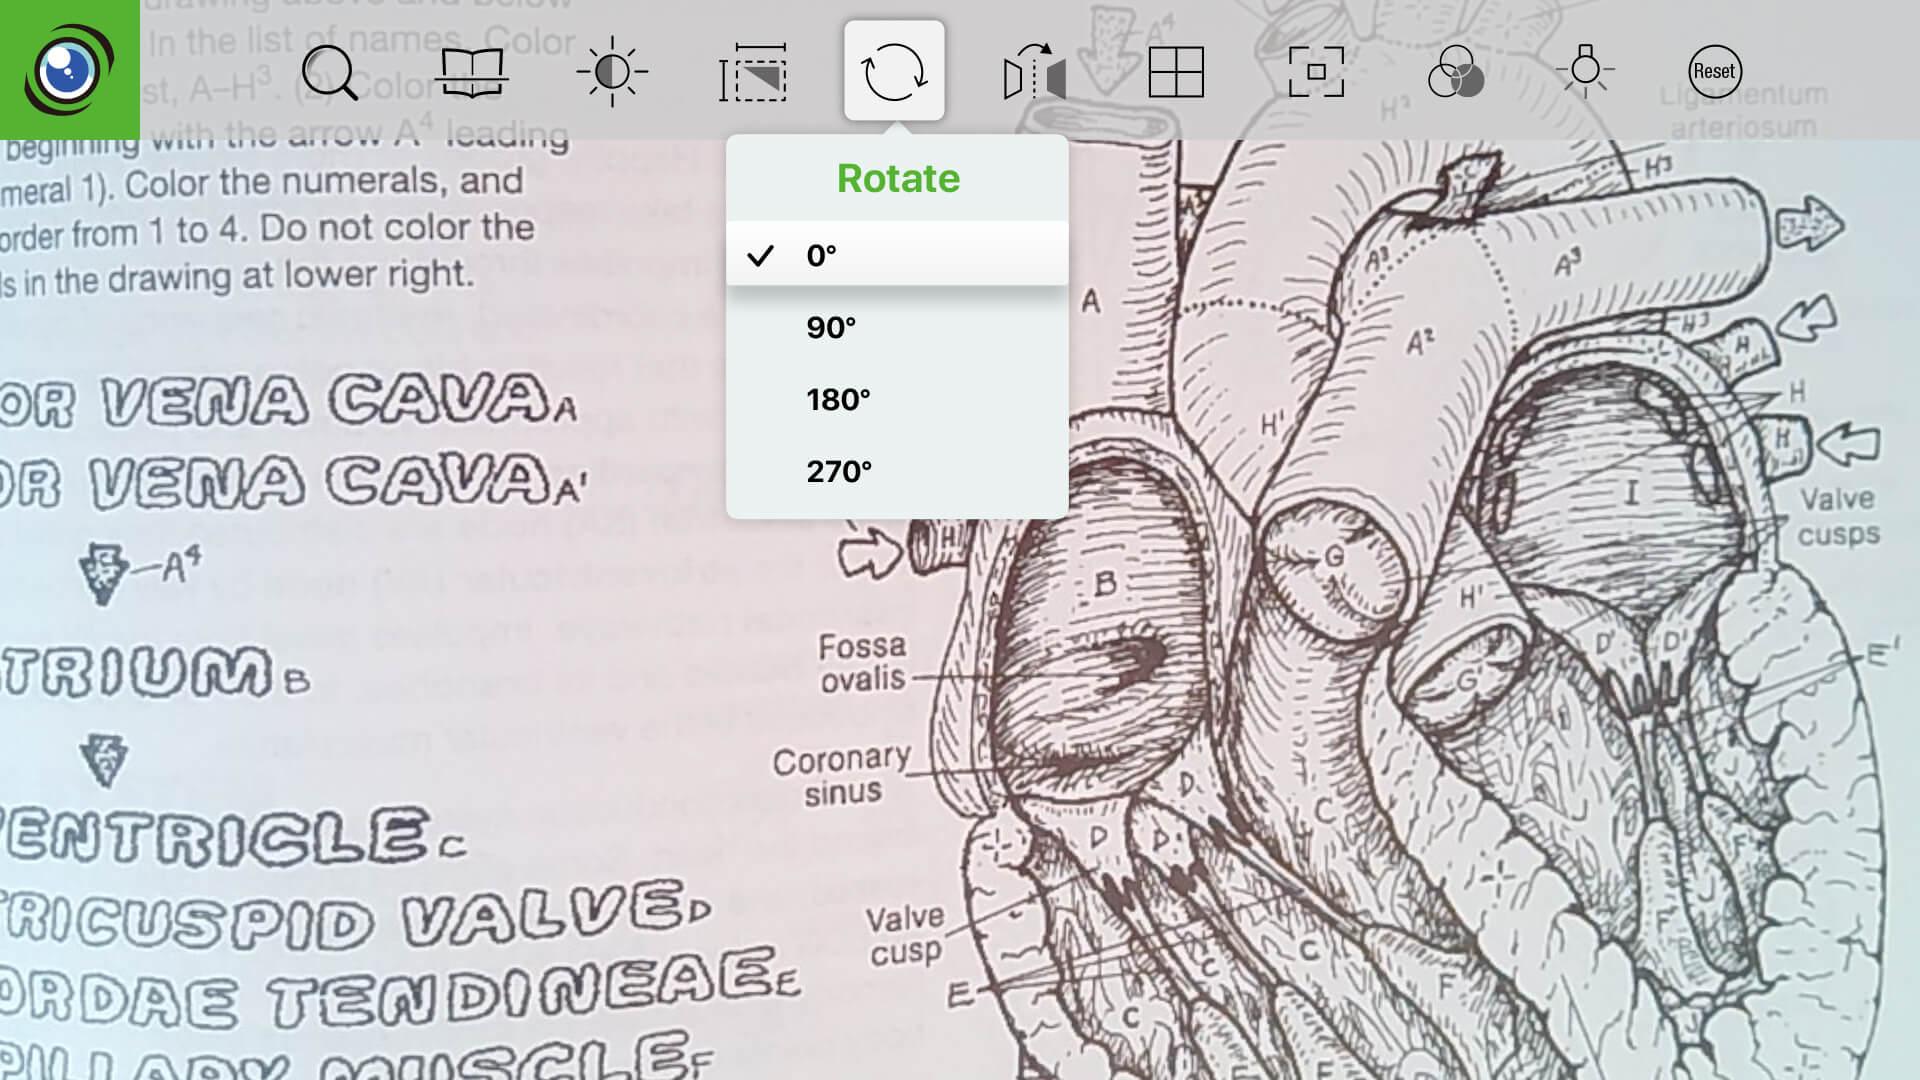 IPEVO Visualizer for tvOS